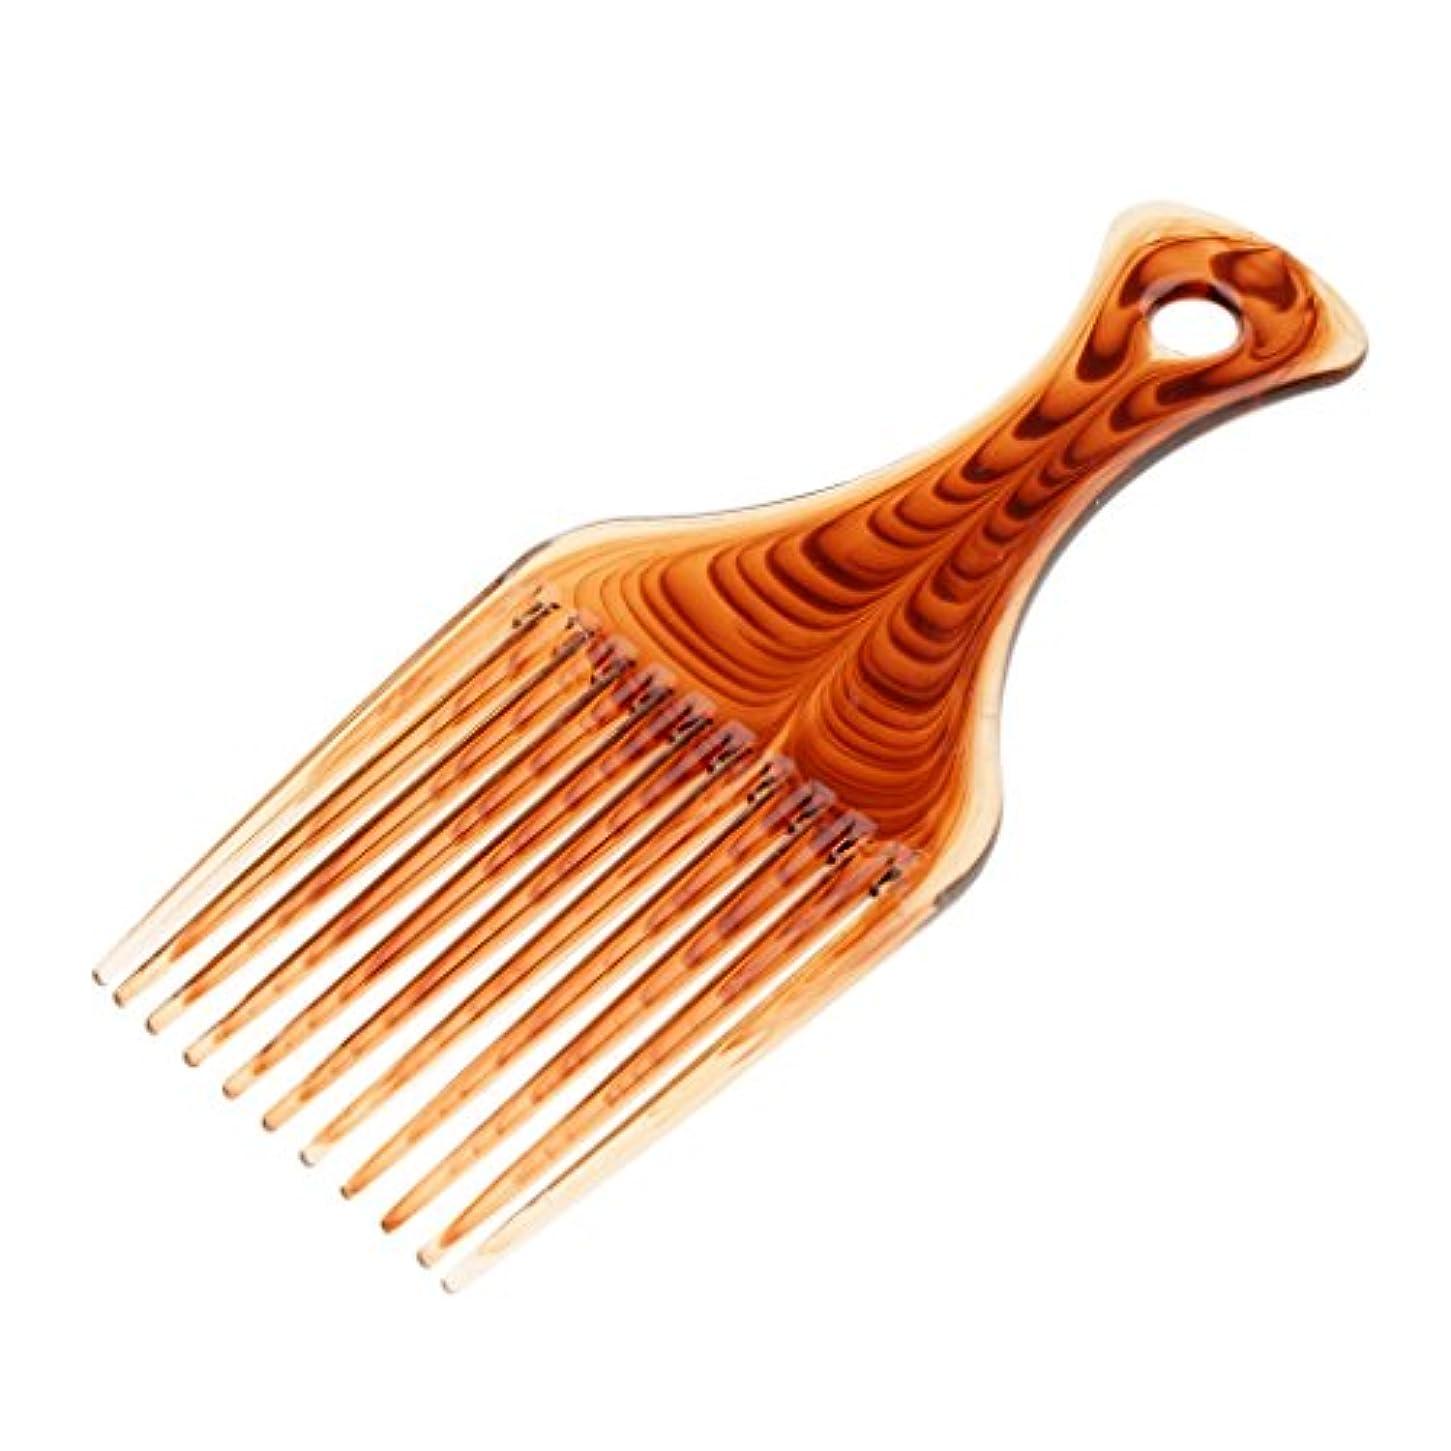 役立つ操縦する次ヘアコーム ヘアブラシ くし プラスチック製 アフロ 髪の櫛 かつらにも適用 スタイリング 持ち上げ ヘアブラシ